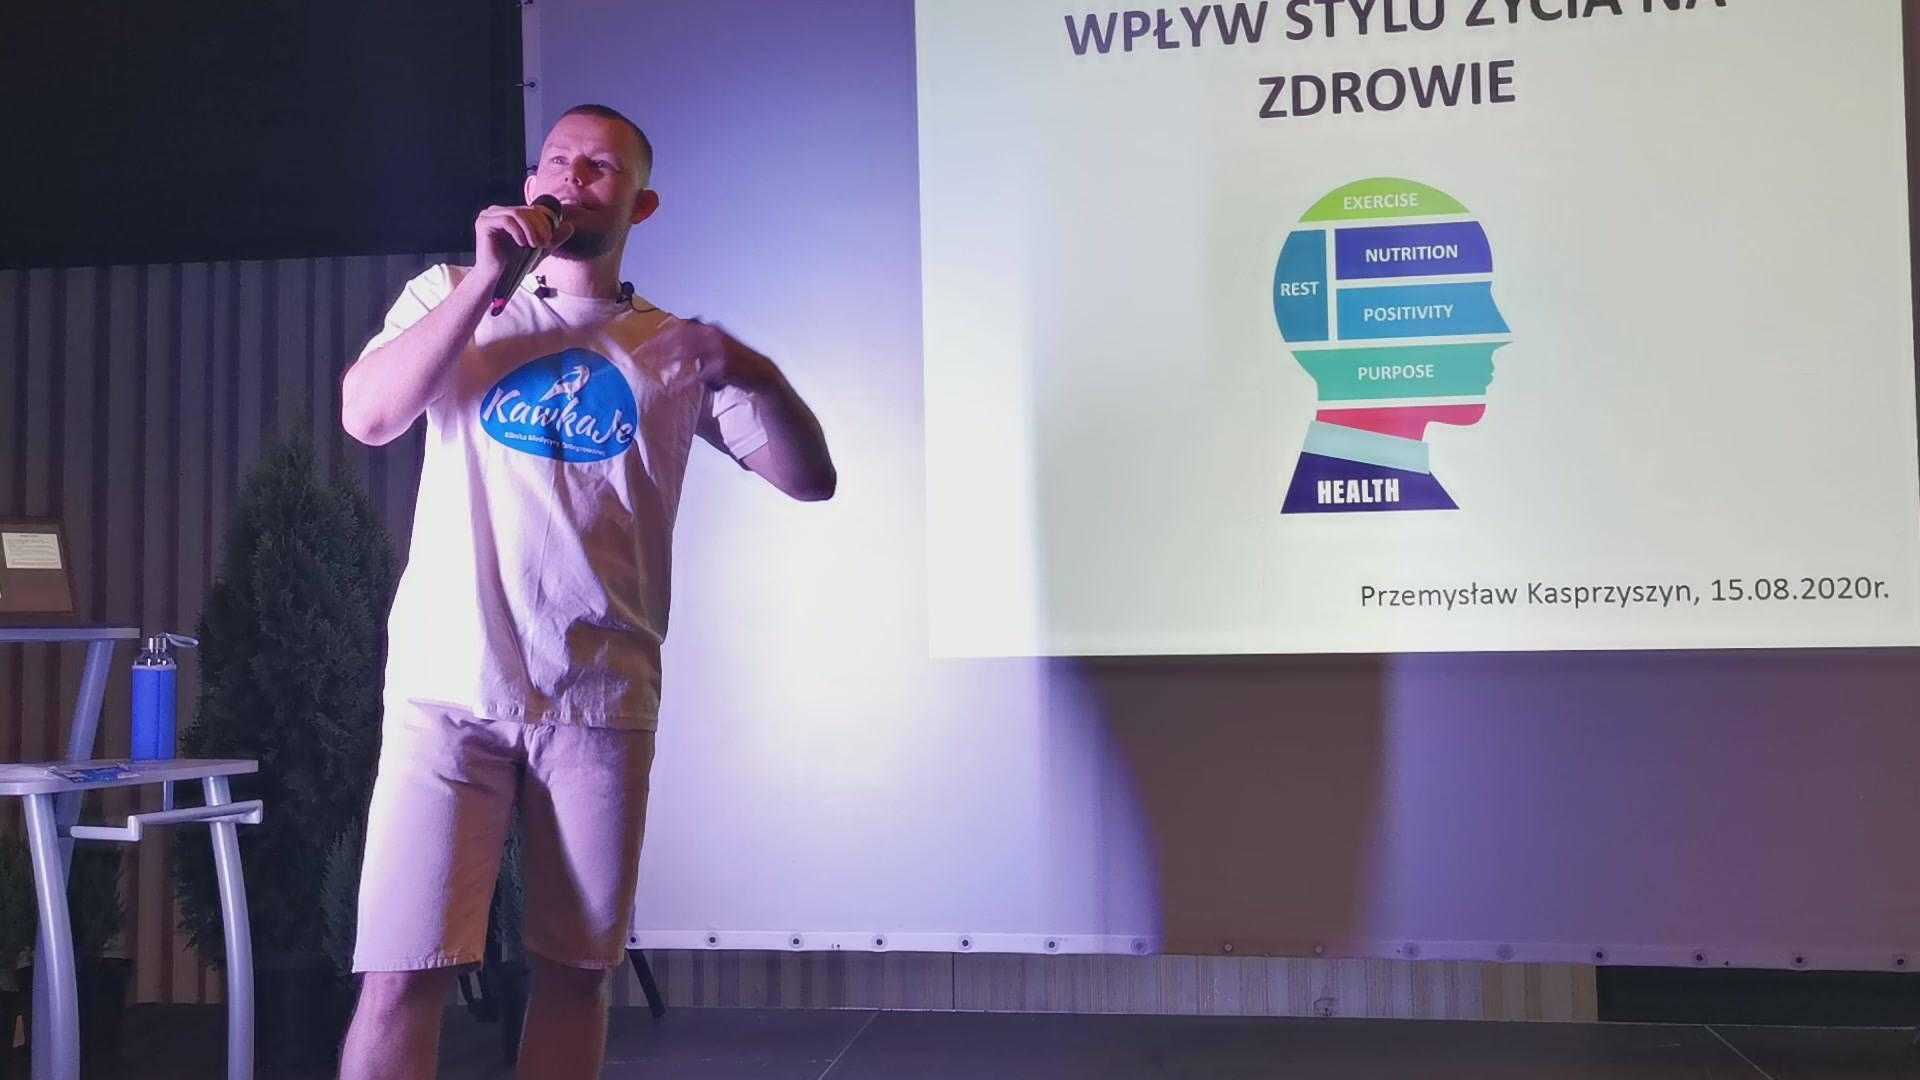 Przemysław Kasprzyszyn: Wpływ stylu życia na zdrowie